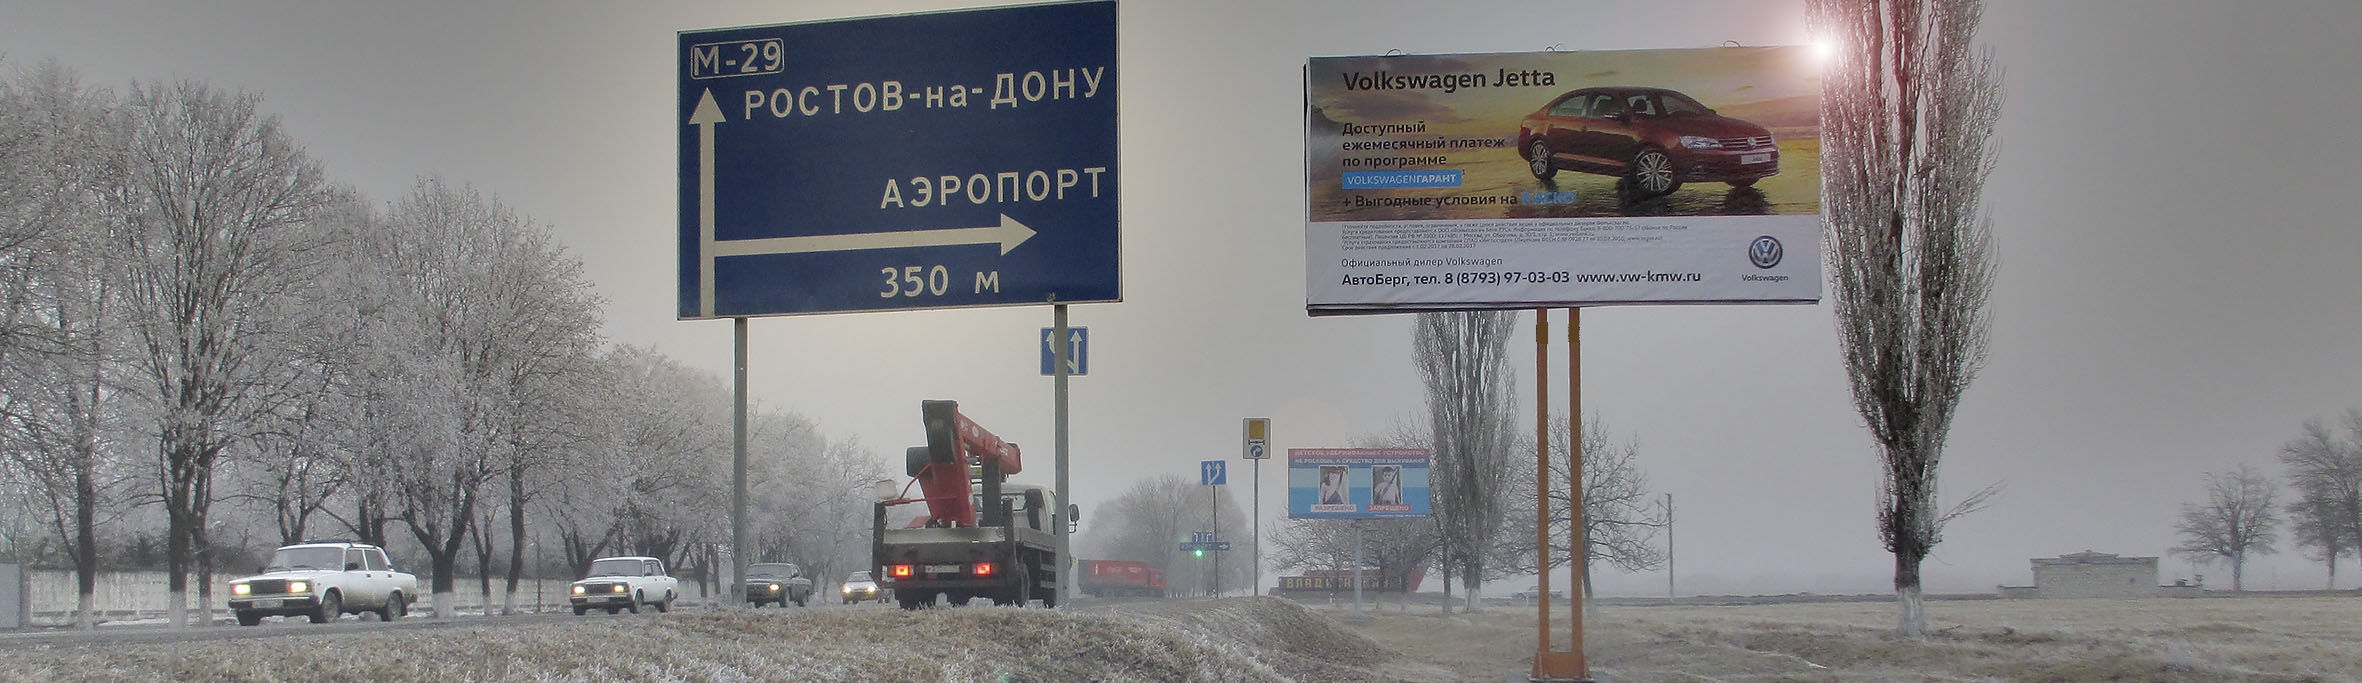 Реклама на билбордах в Беслане РСО-Алания